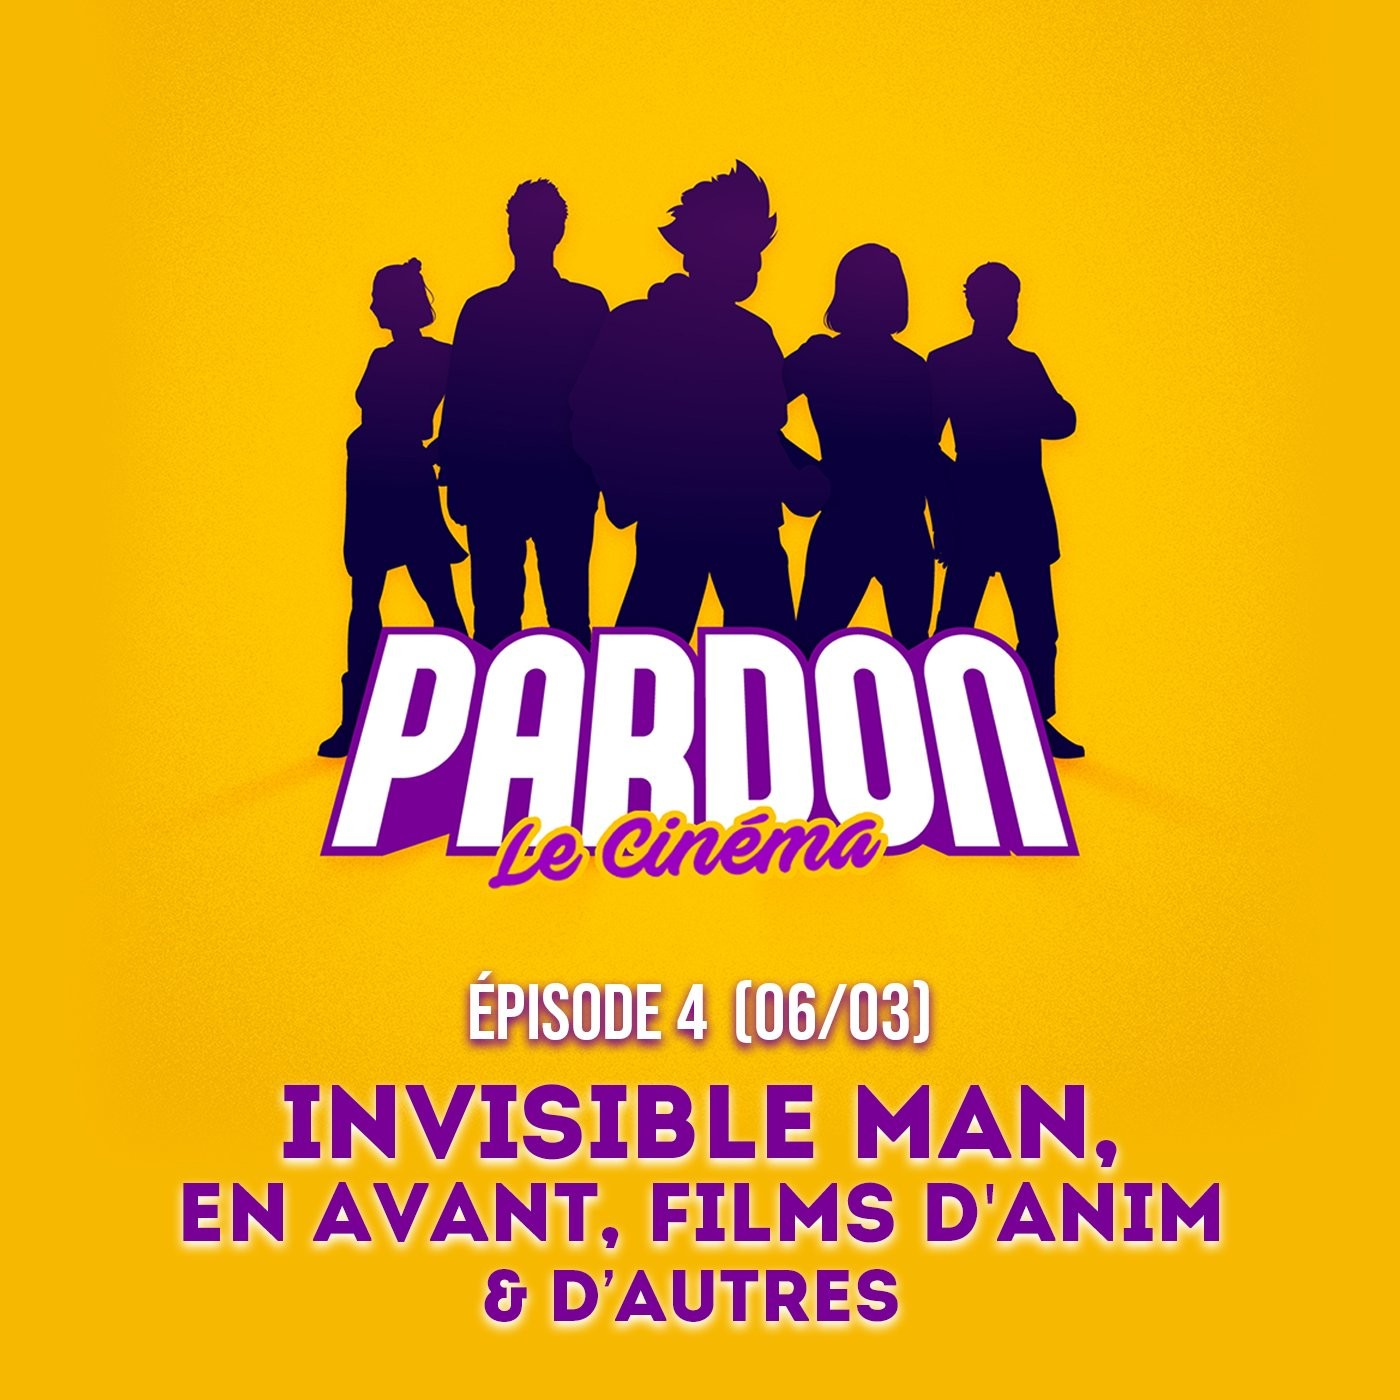 EP.4 - EN AVANT, INVISIBLE MAN, DES FILMS D'ANIM (& d'autres...)